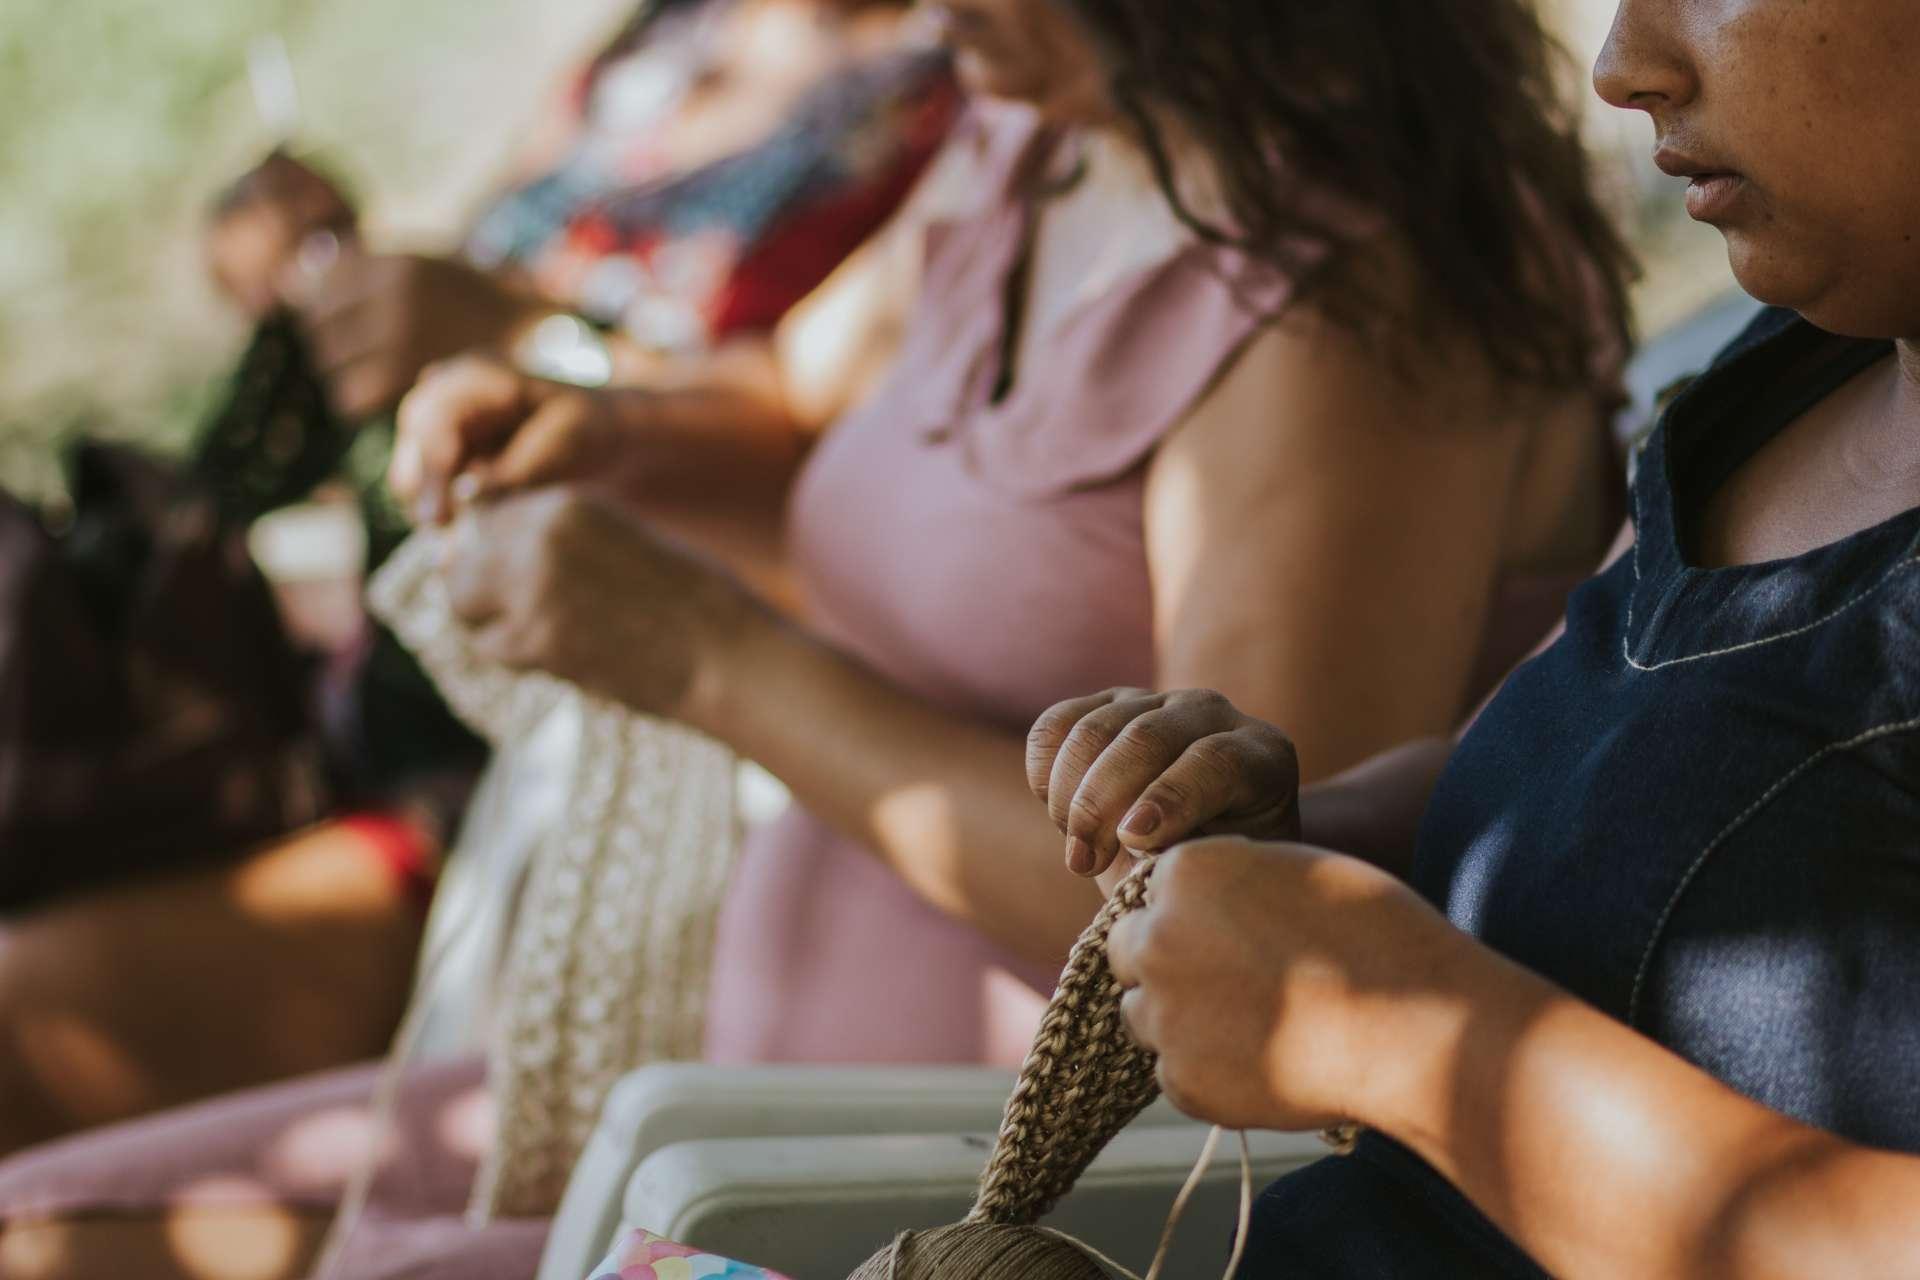 Marca cearense apoia e gera renda a comunidade artesã